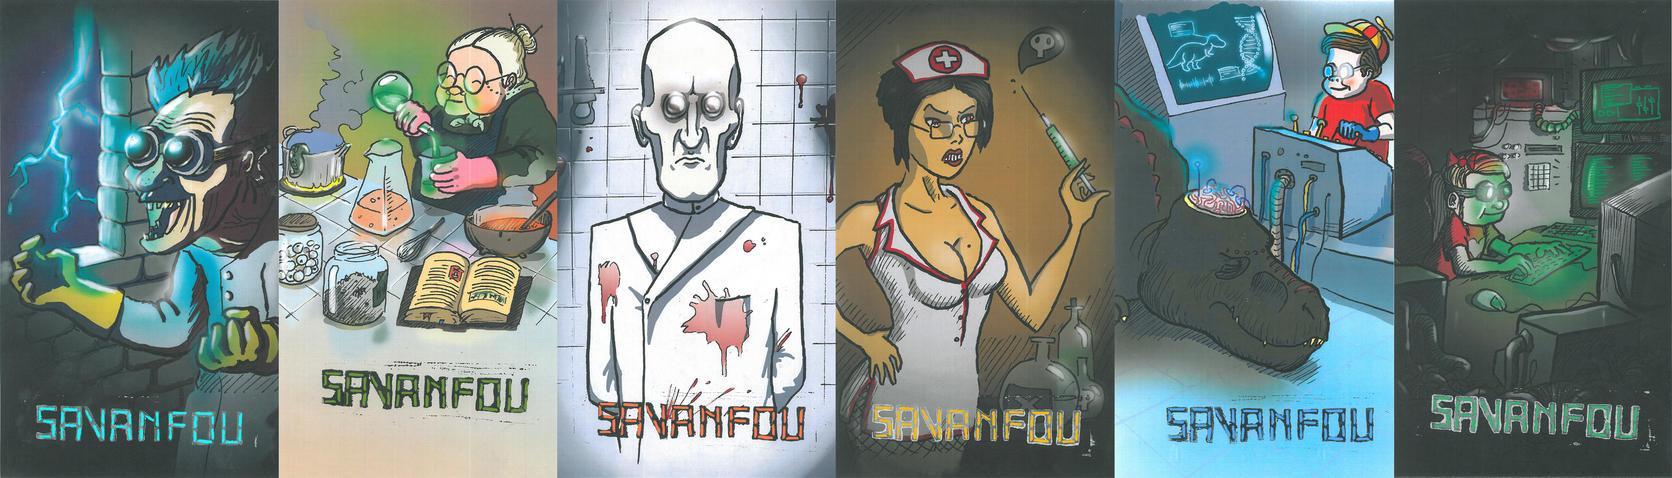 Famille SAVANFOU by B-VI